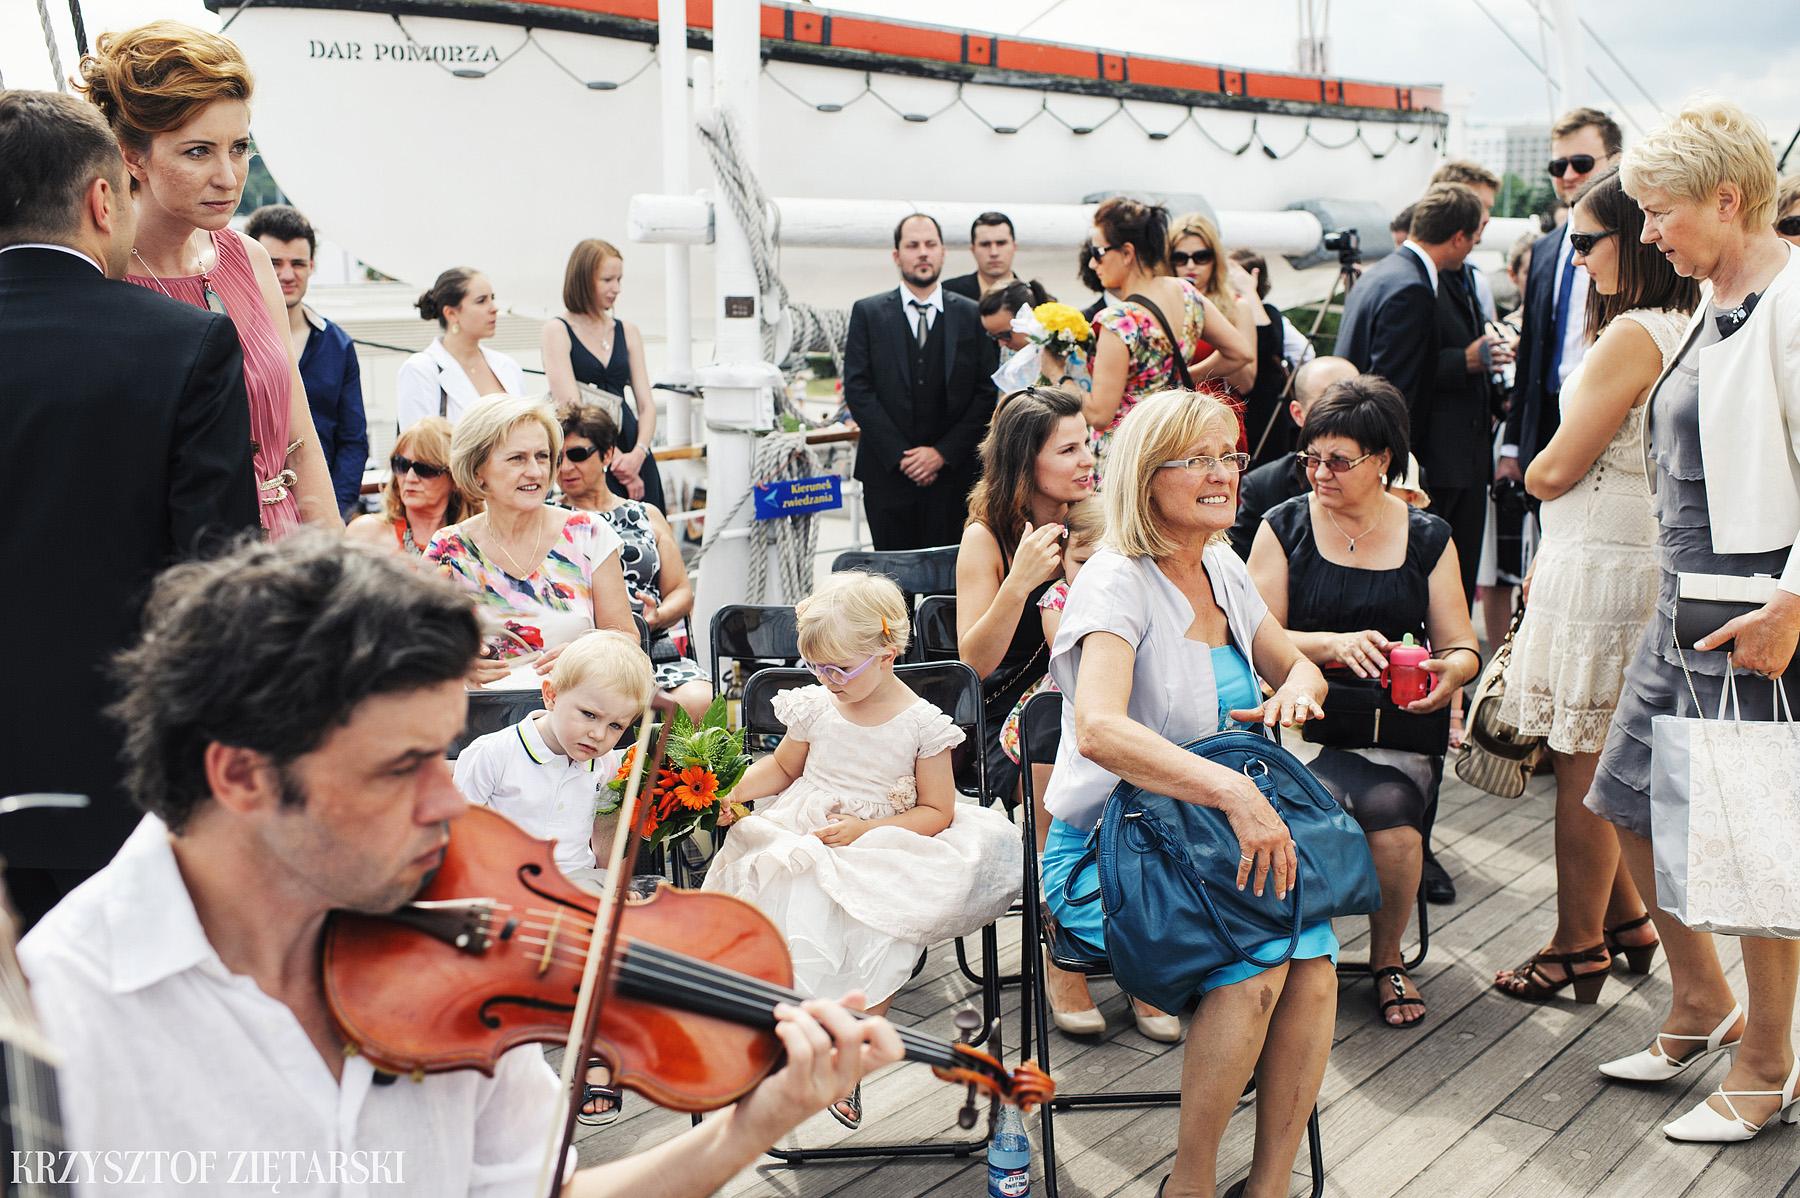 Gosia i Gabriele - Fotografia ślubna Gdynia - Dar Pomorza, Gościniec dla Przyjaciół Wyczechowo, Sea Towers - 14.